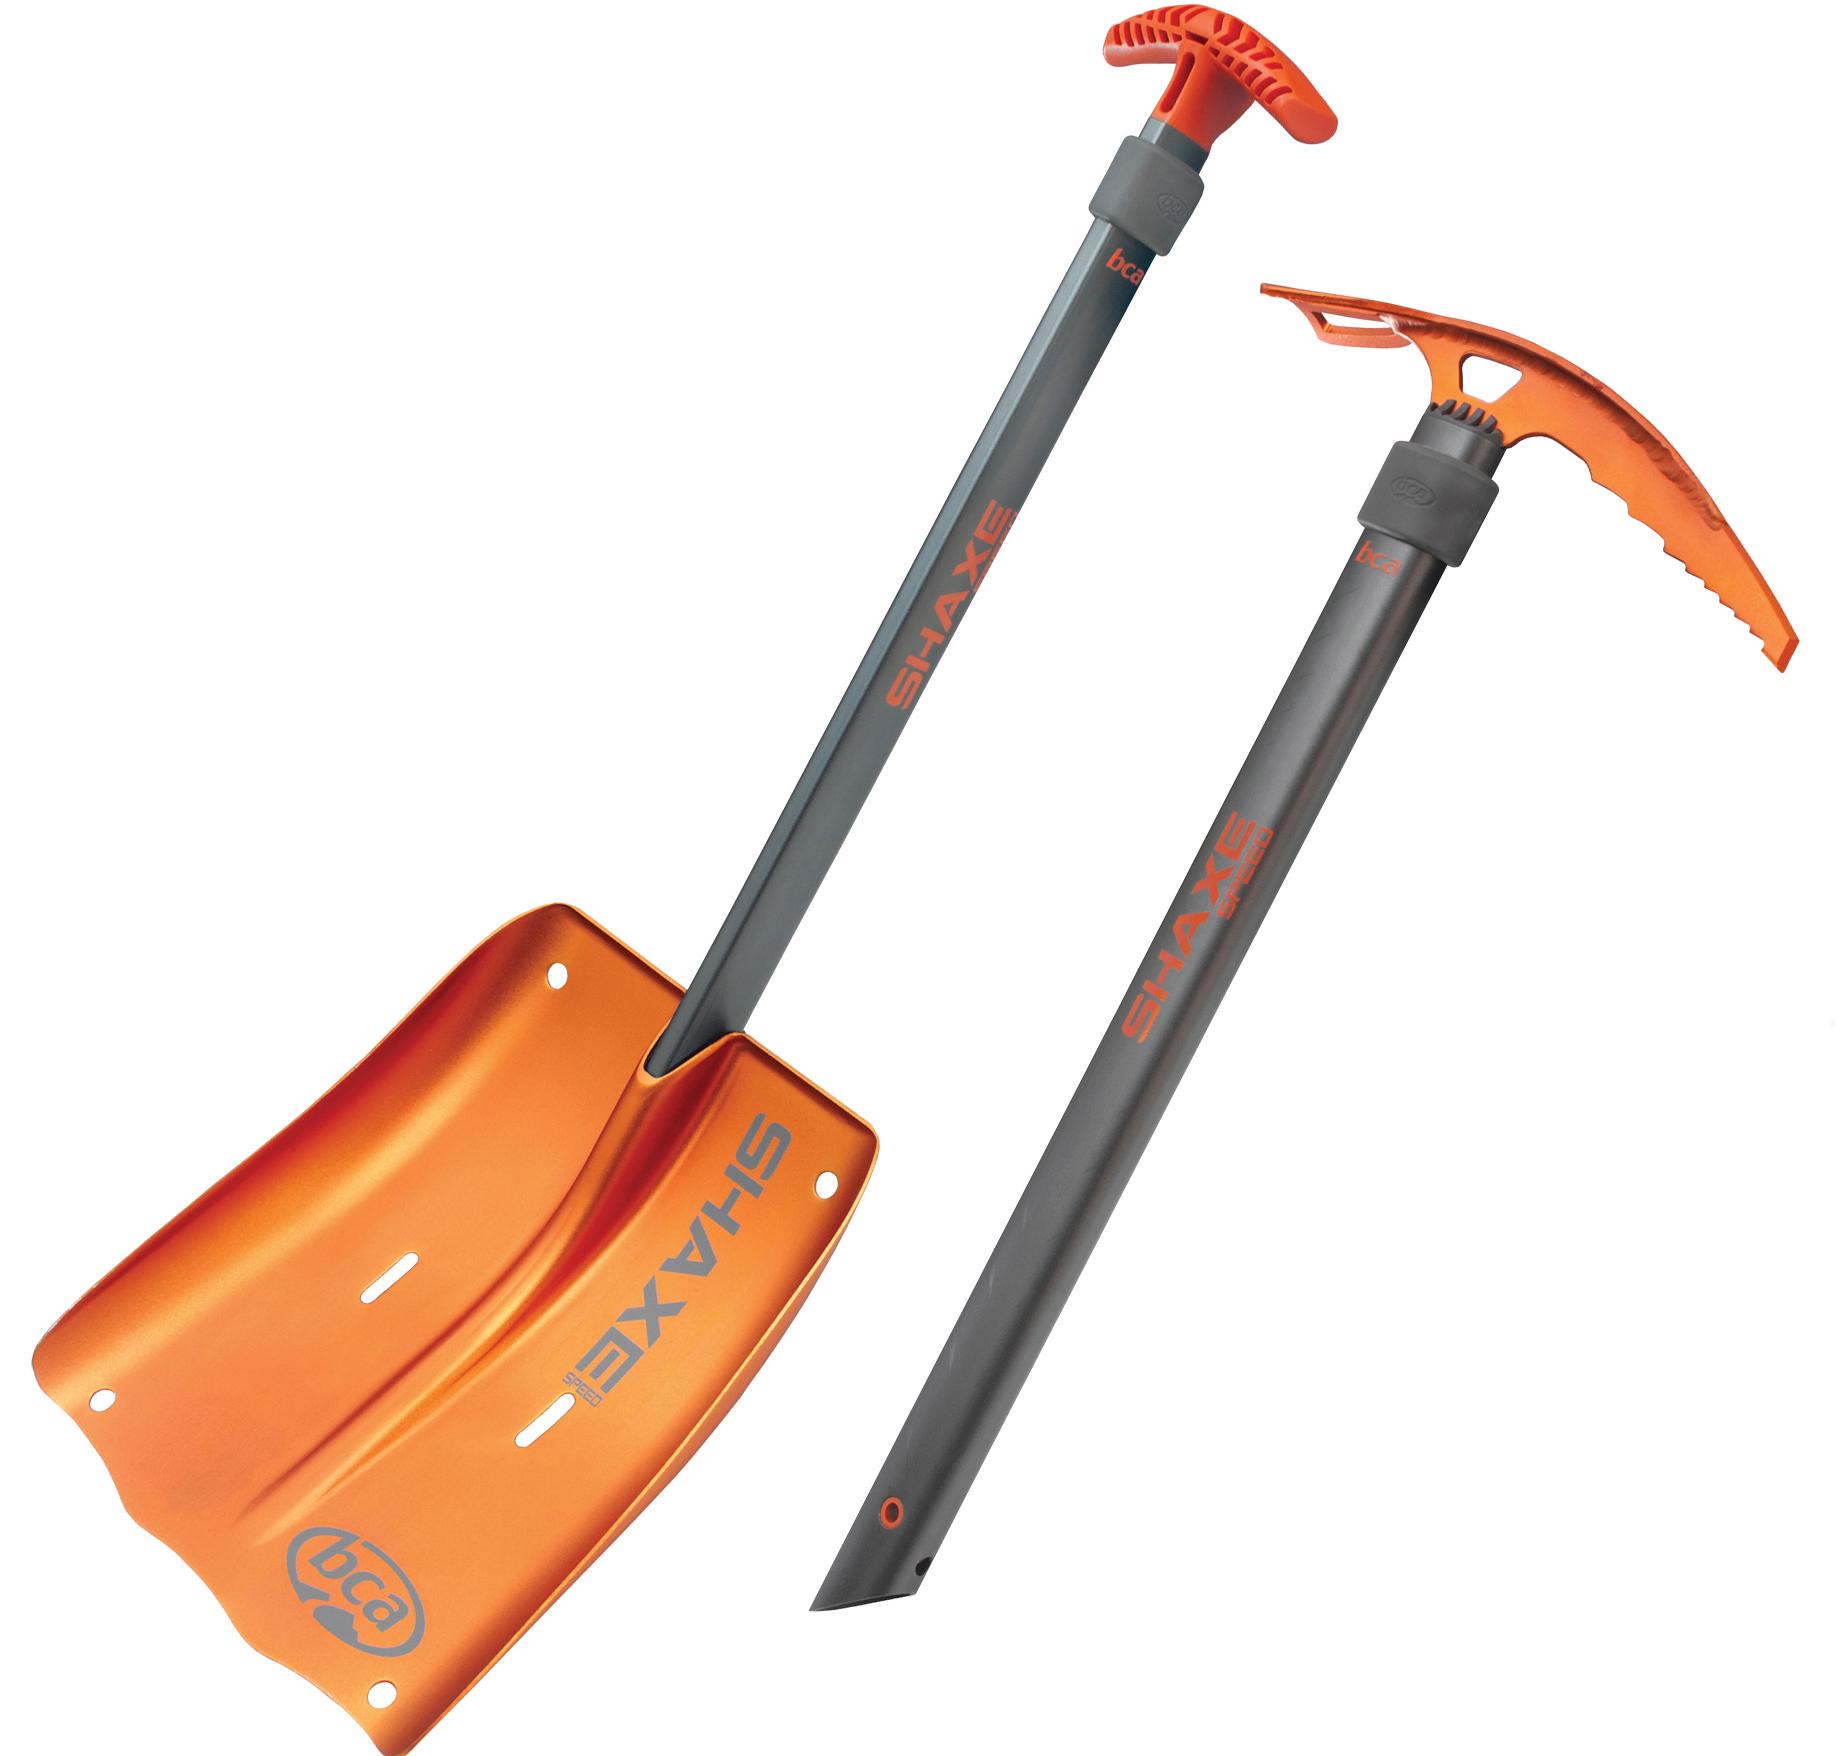 Afbeelding van BCA Shaxe Speed Shovel